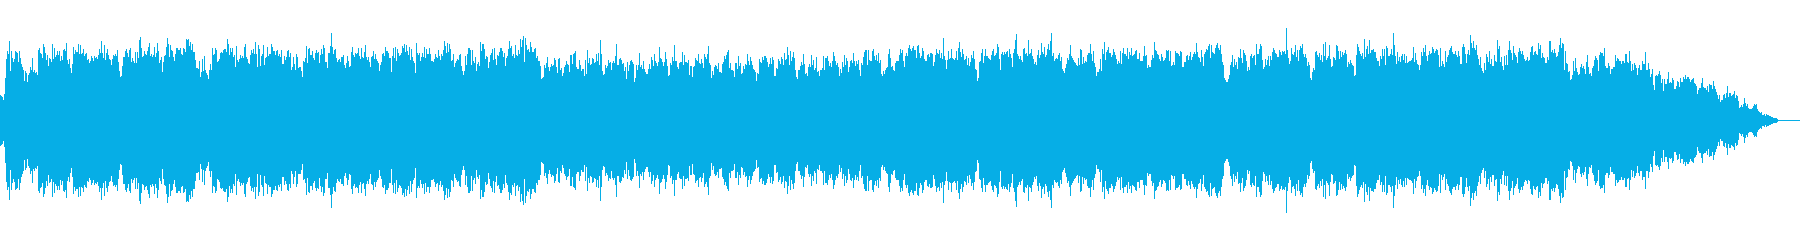 優しい竹笛のヒーリング音楽の再生済みの波形